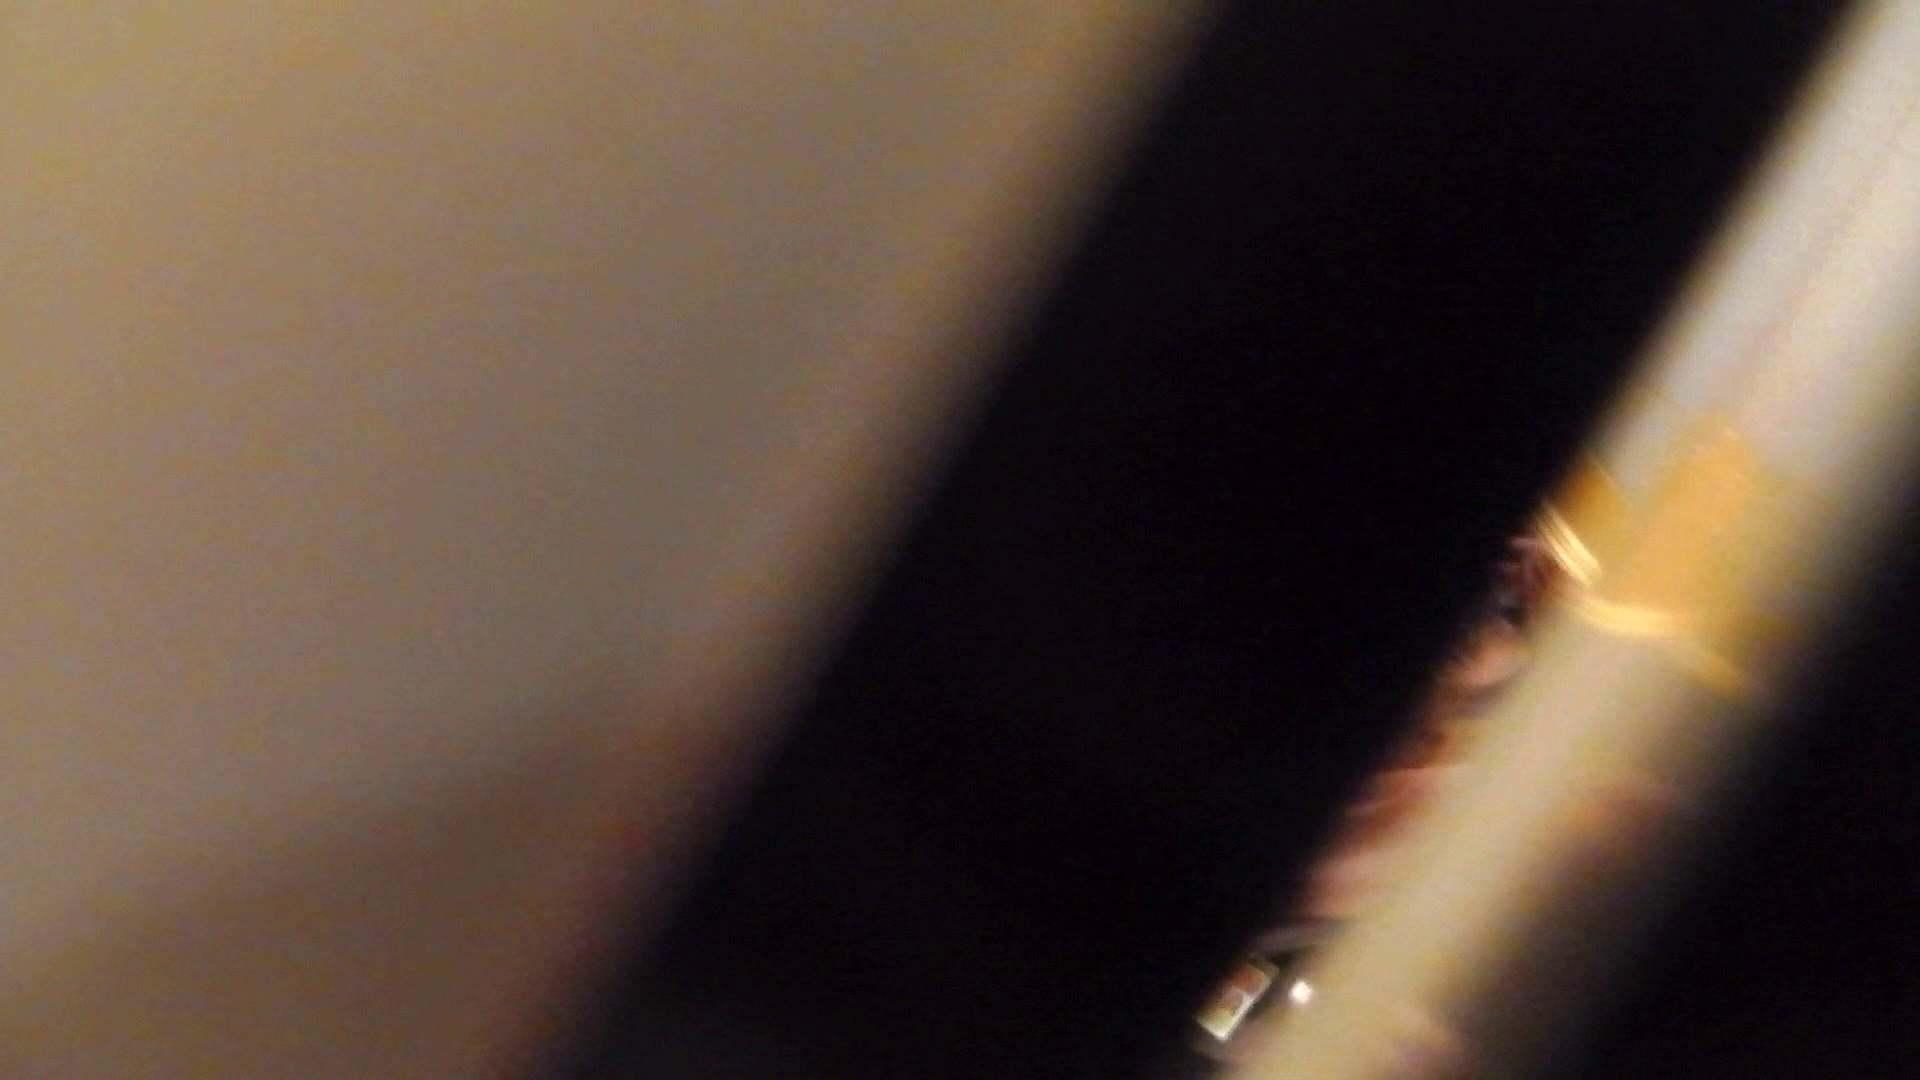 洗寿観音さんの 化粧室は四面楚歌Nol.4 洗面所 | 色っぽいOL達  104pic 97